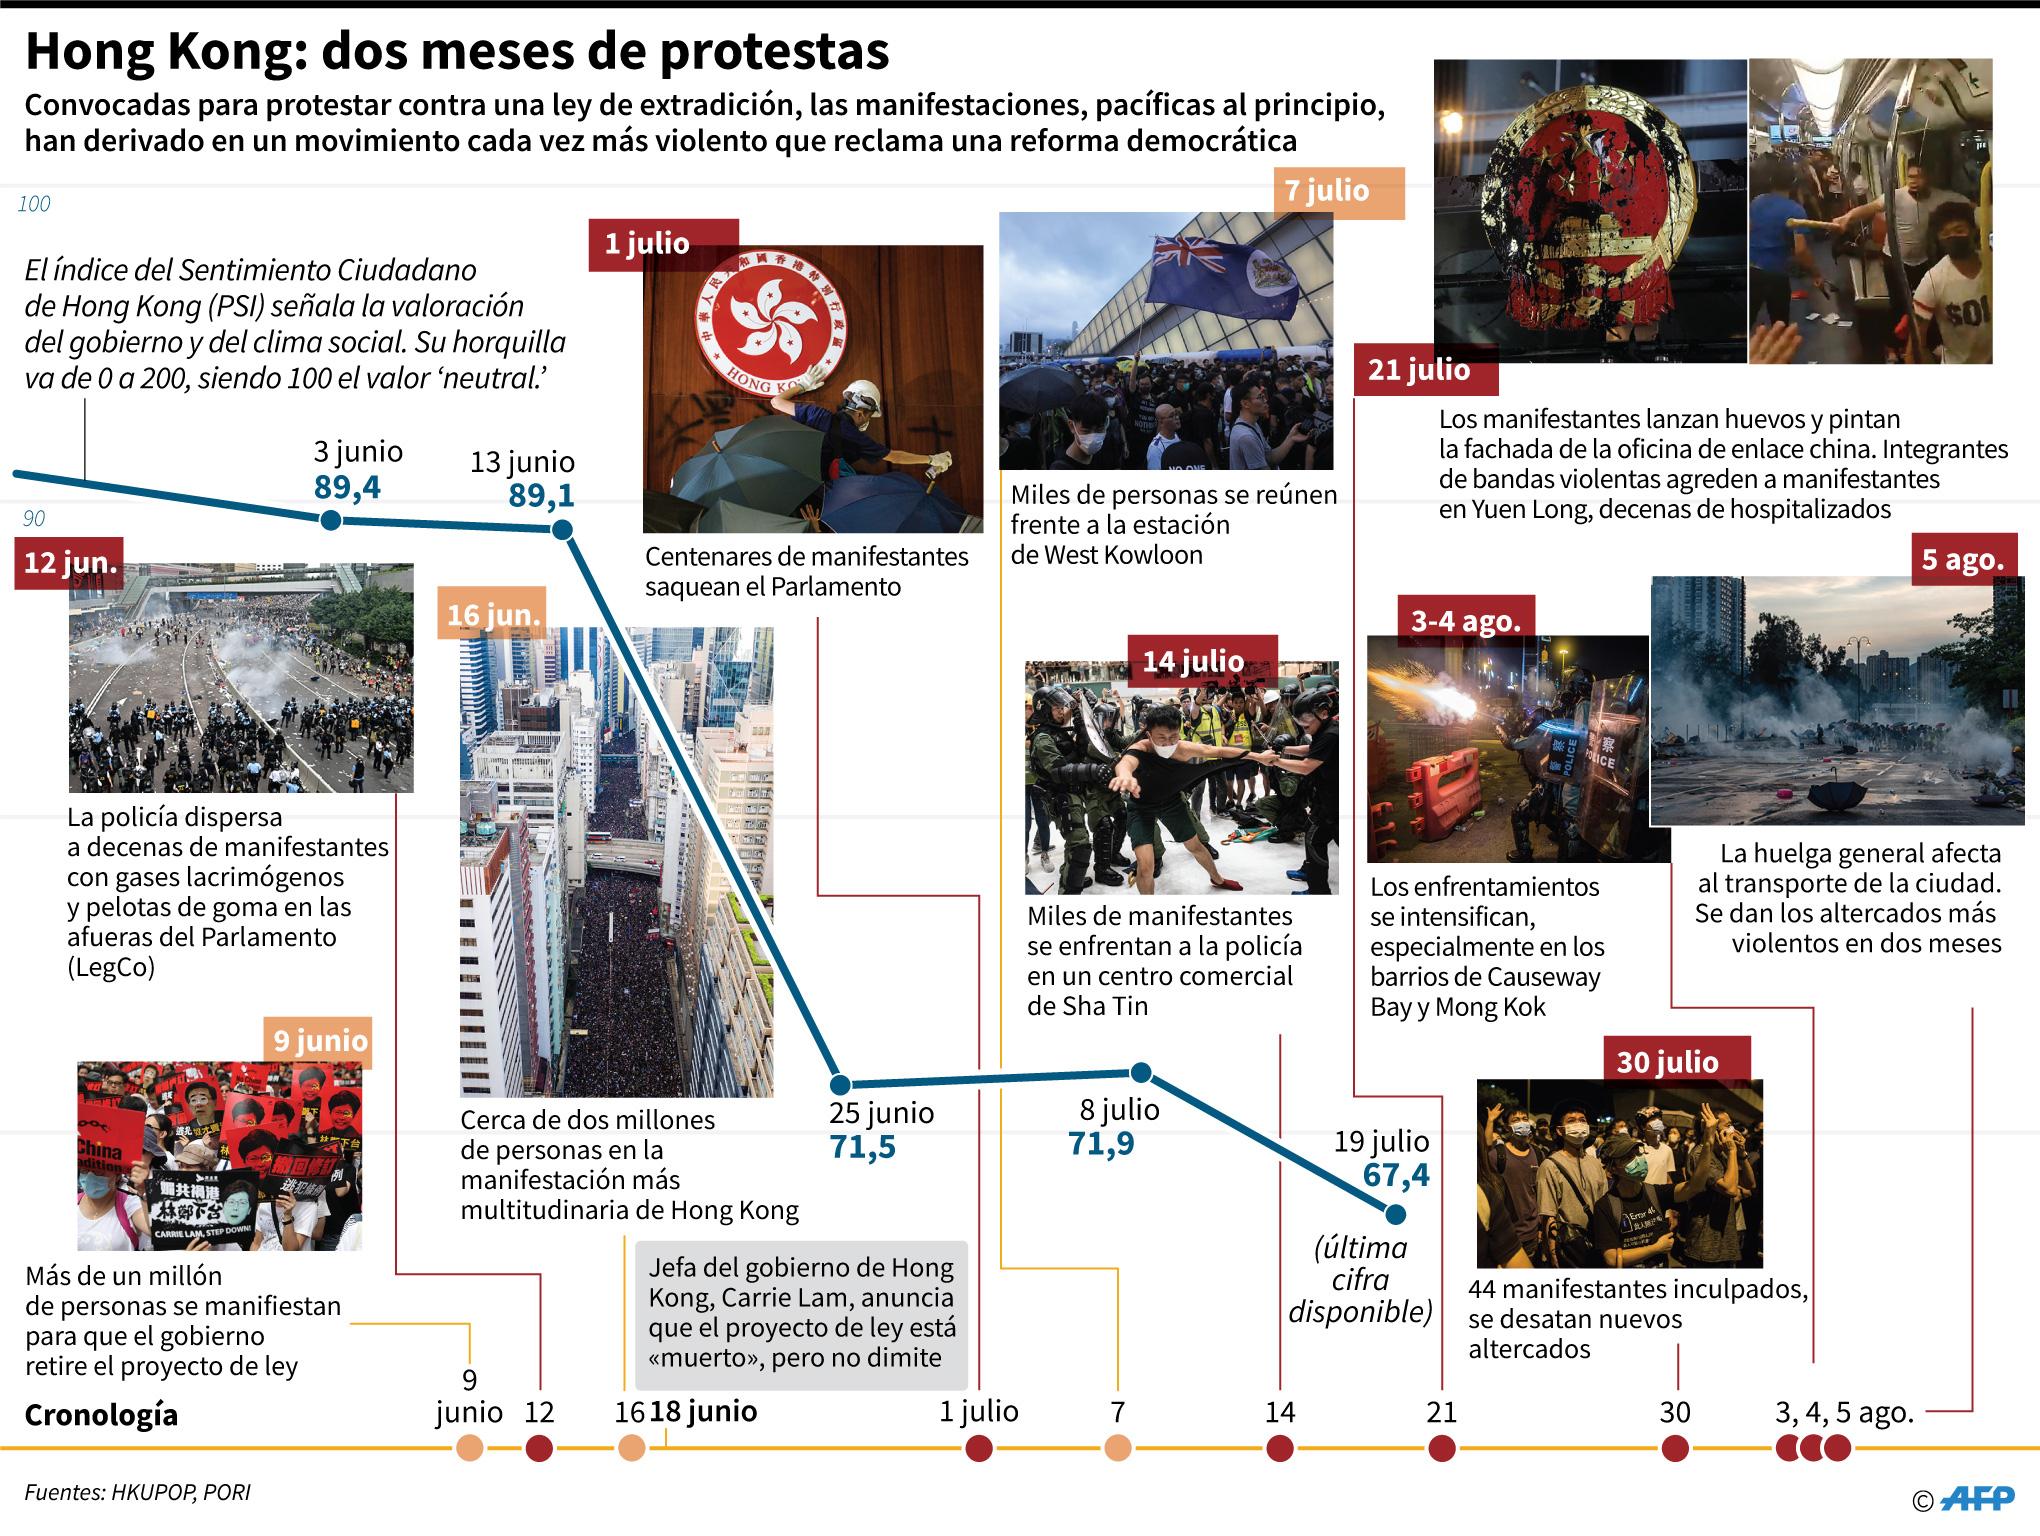 Cronología de las manifestaciones en Hong Kong con la evolución del PSI, el índice de valoración del gobierno y del clima social. (AFP)